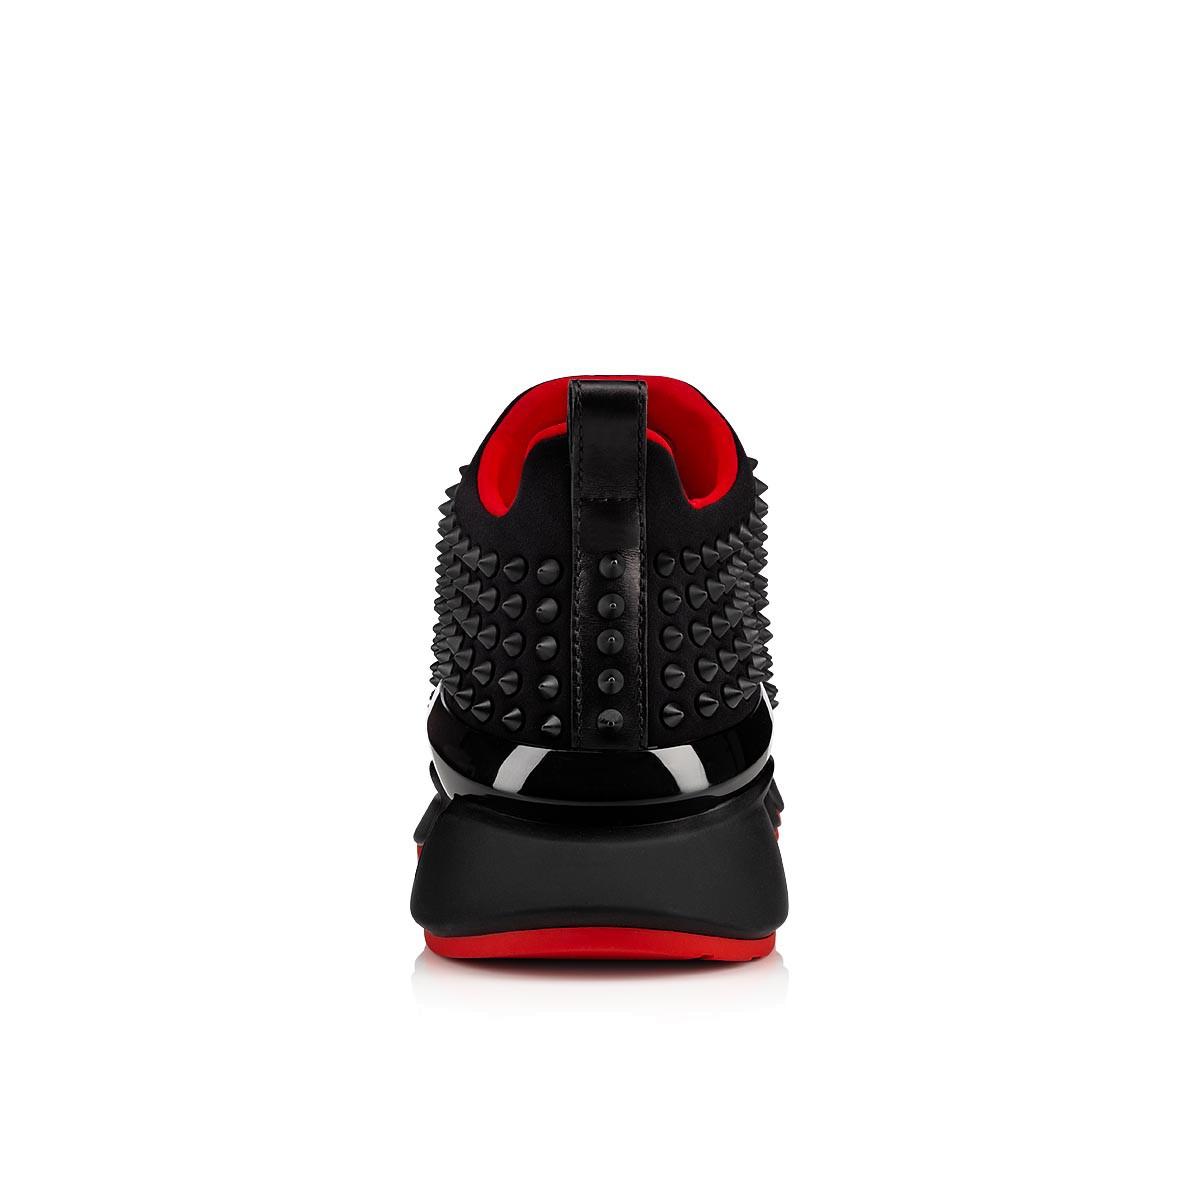 鞋履 - Spike-sock - Christian Louboutin